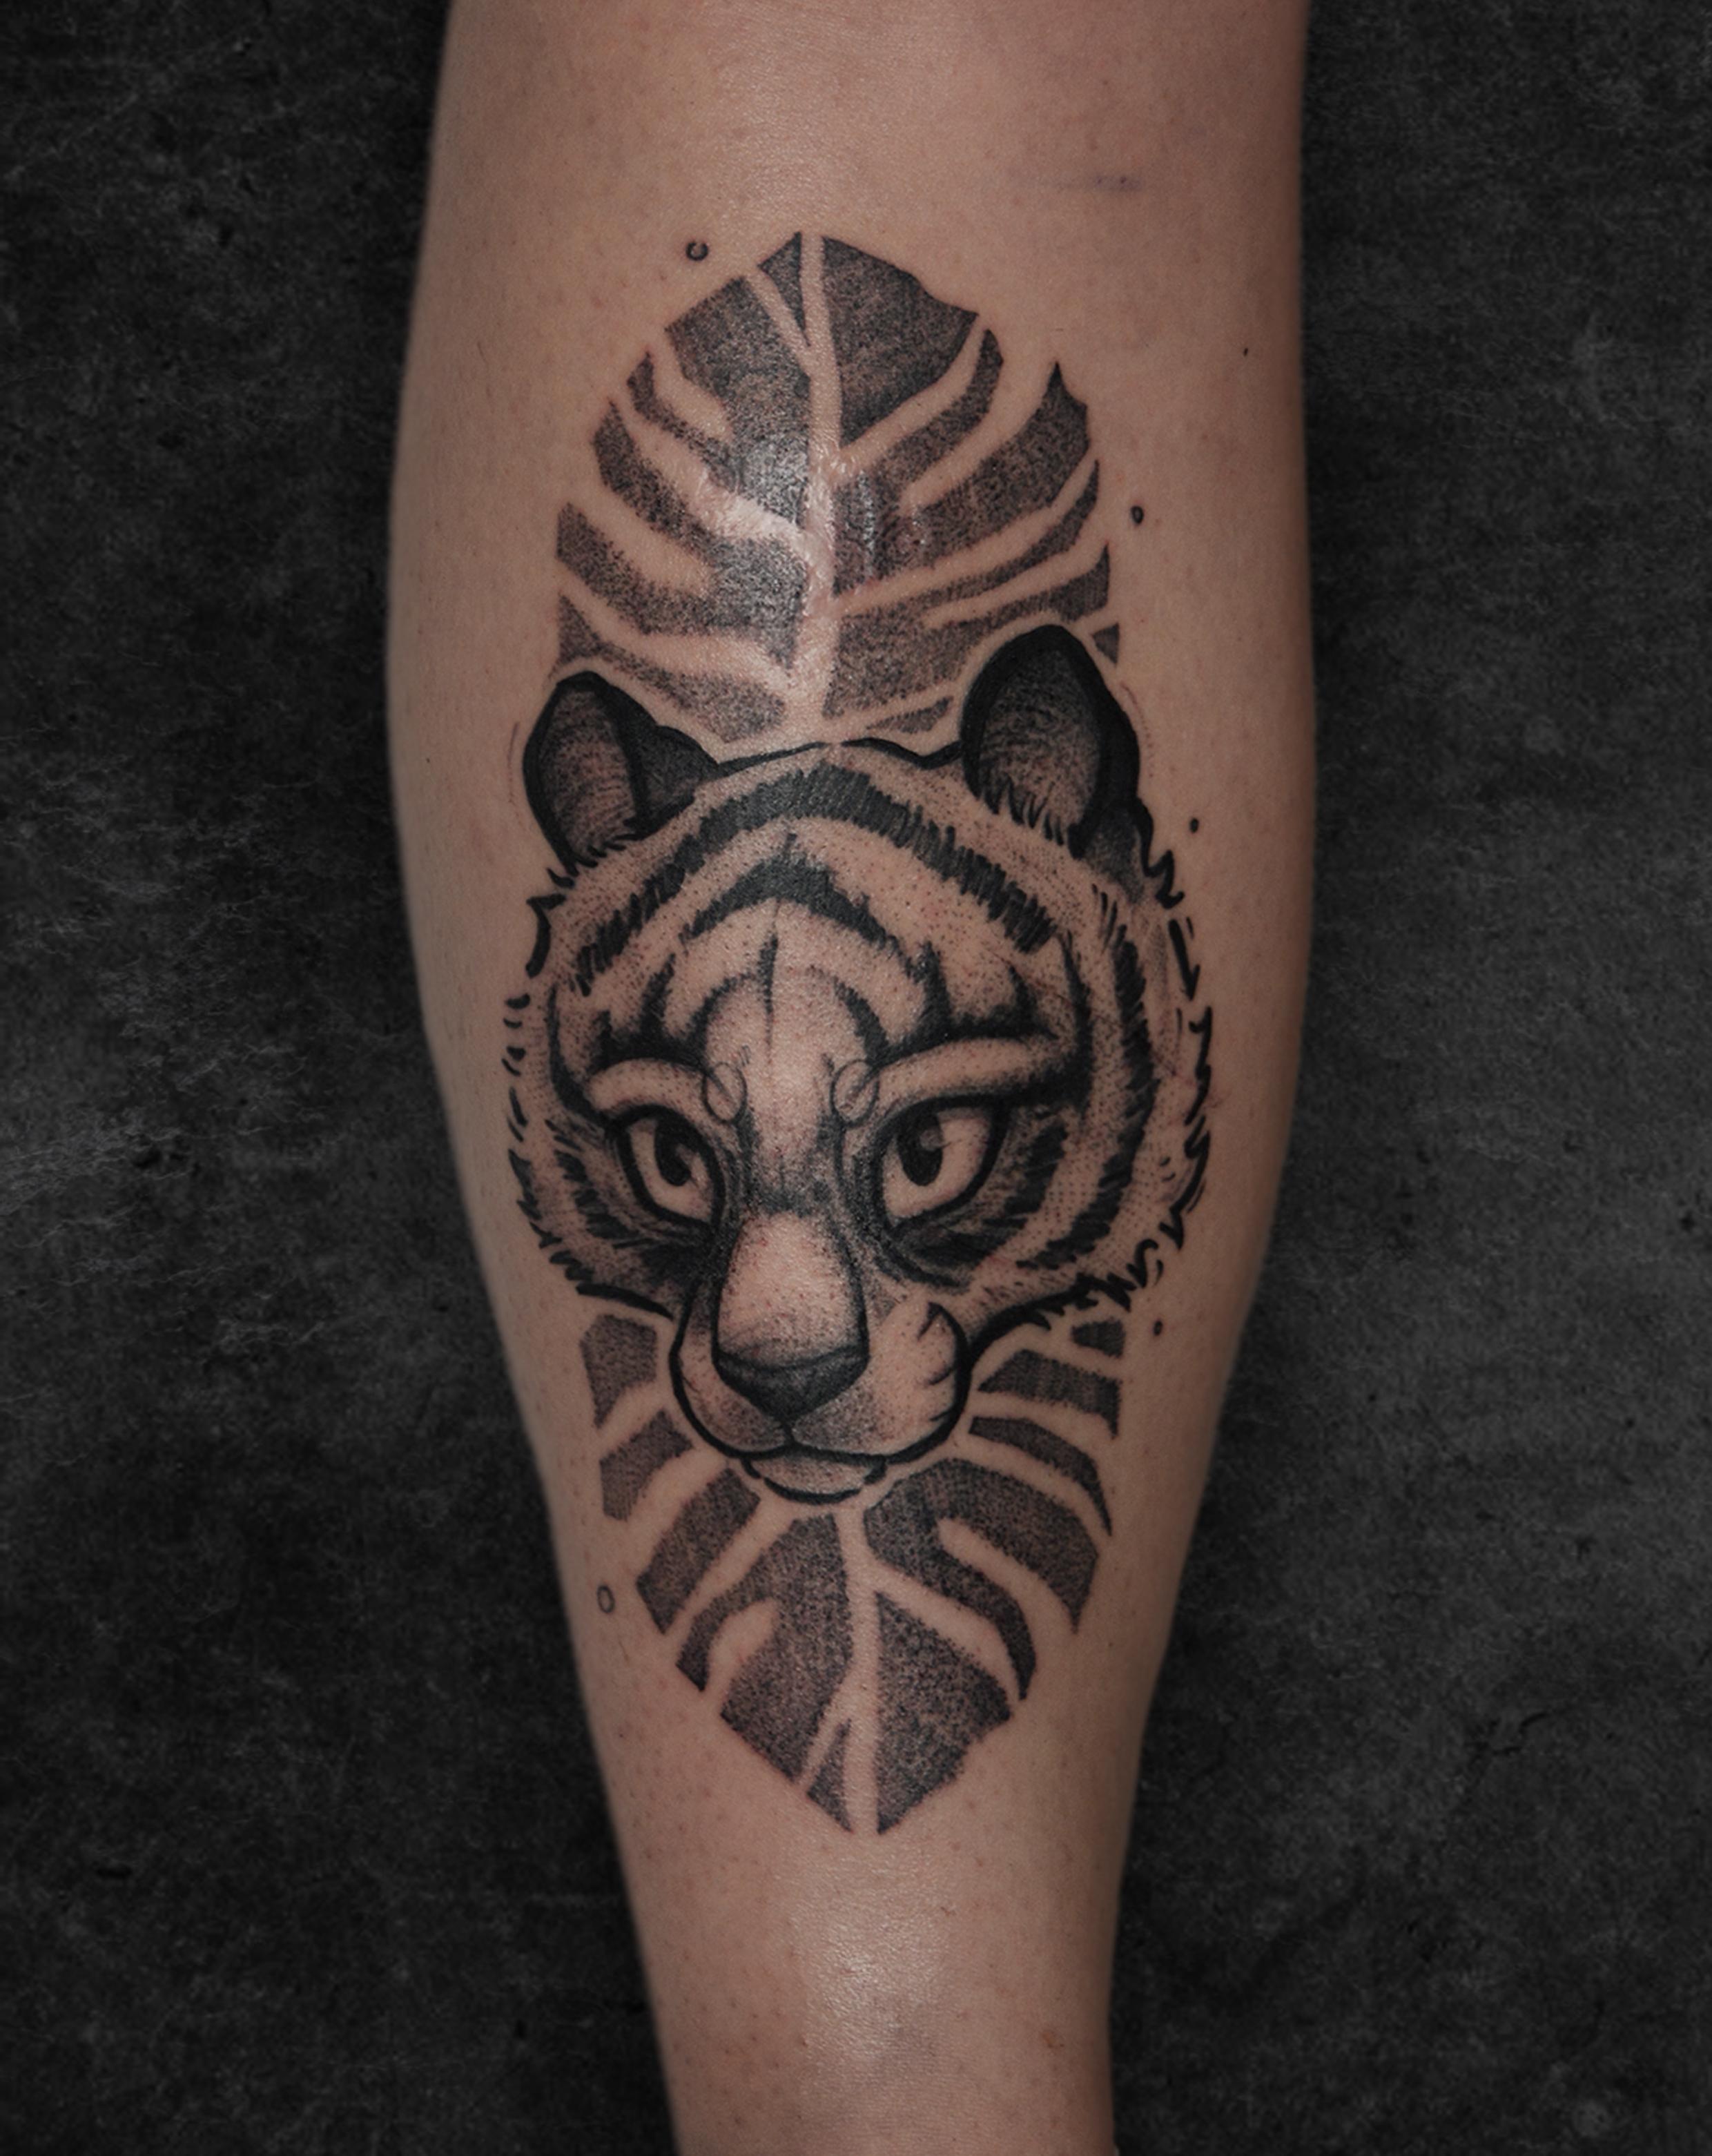 Inksearch tattoo winkrot